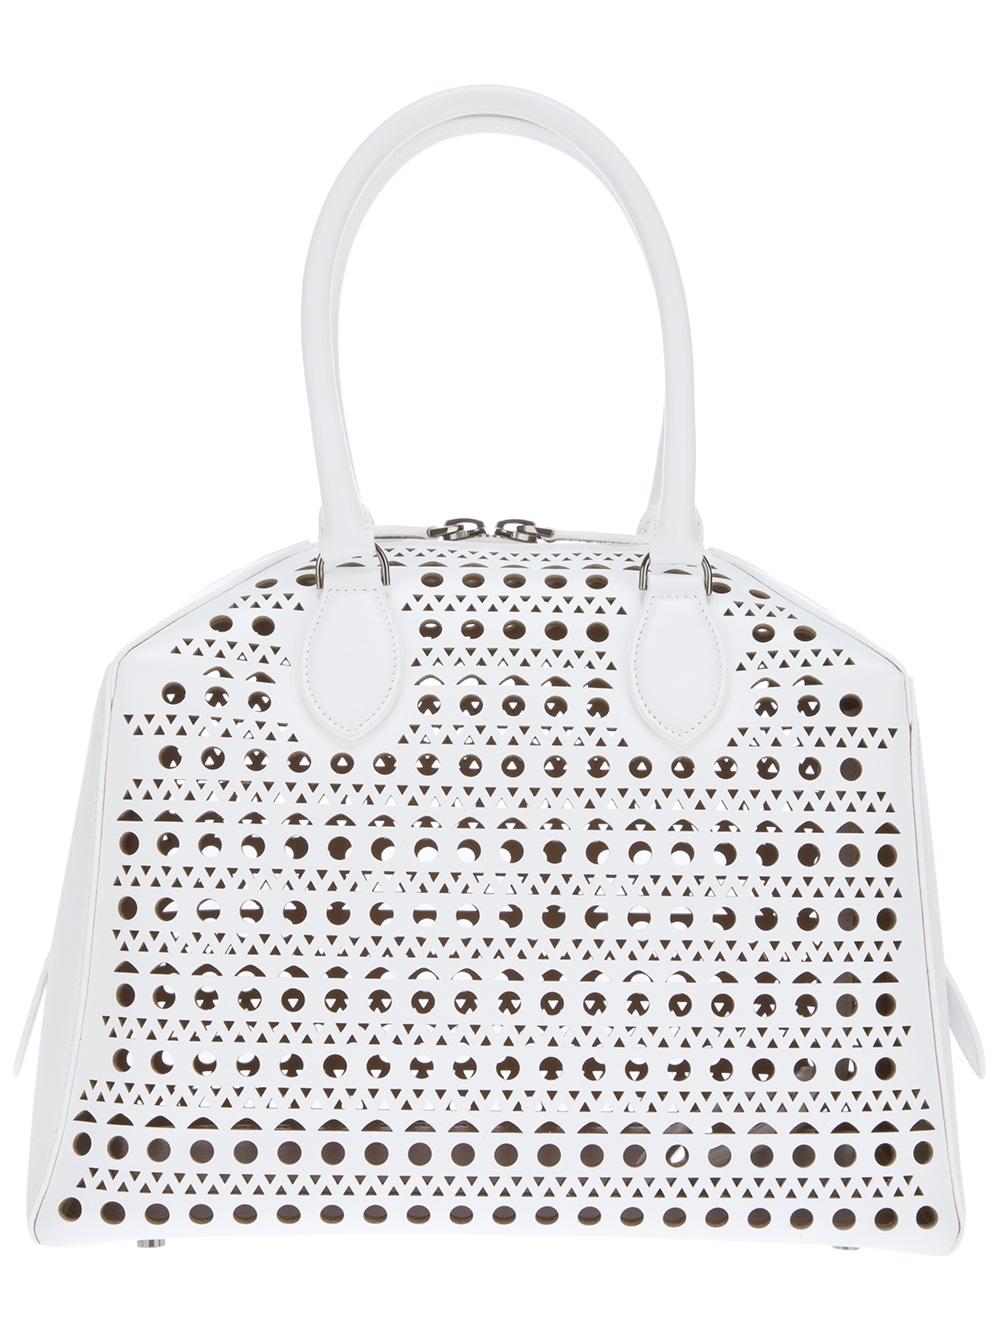 Alaia Bags, Handbags & Purses - bagbunch.com